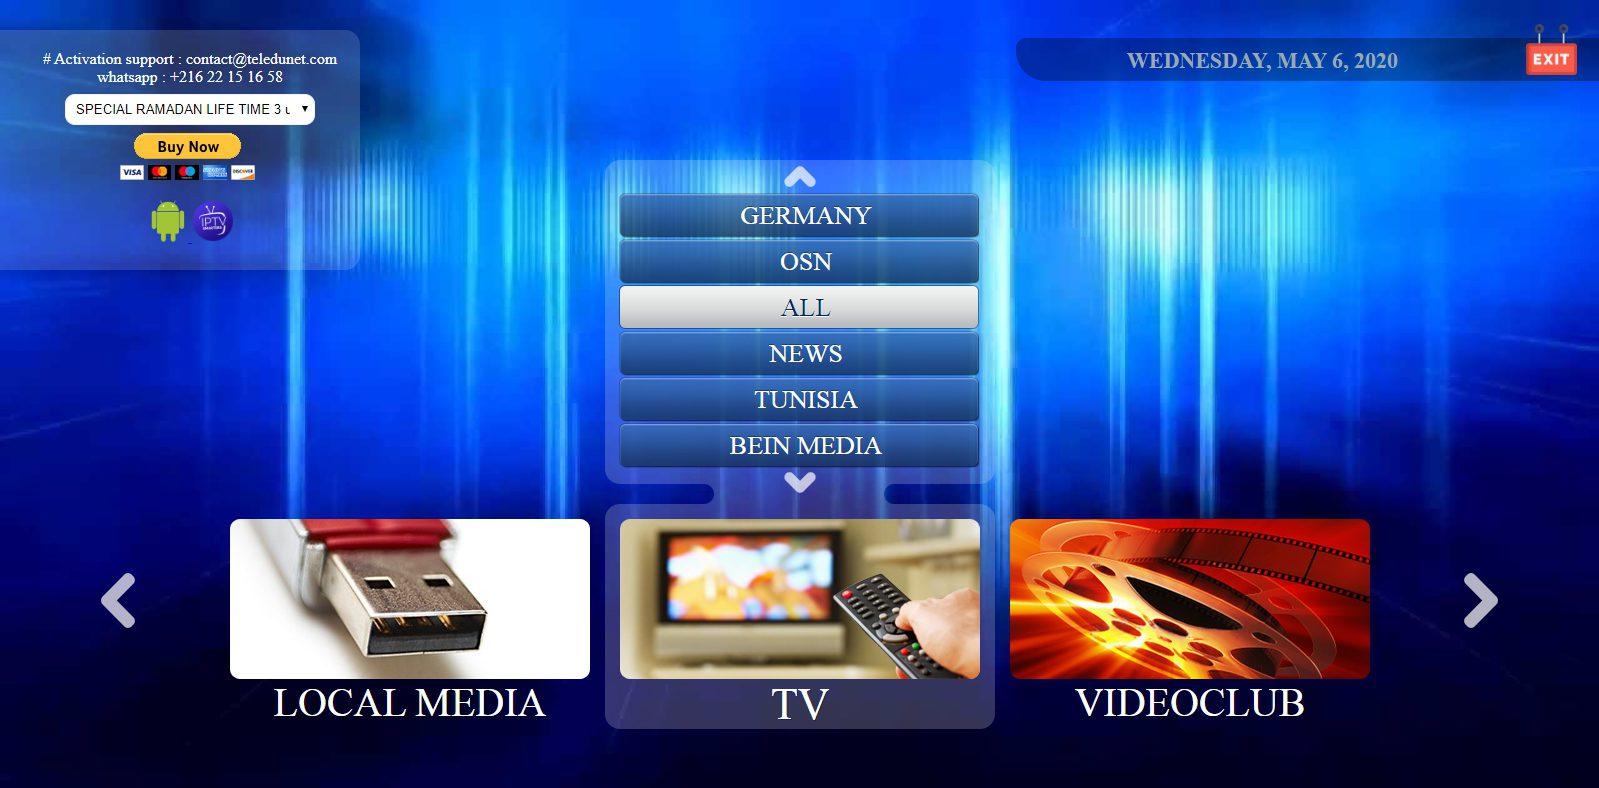 أفضل موقع لمشاهدة القنوات التلفزيونية والمشفرة مثلما تشاهدها على الستلايت بالمجان